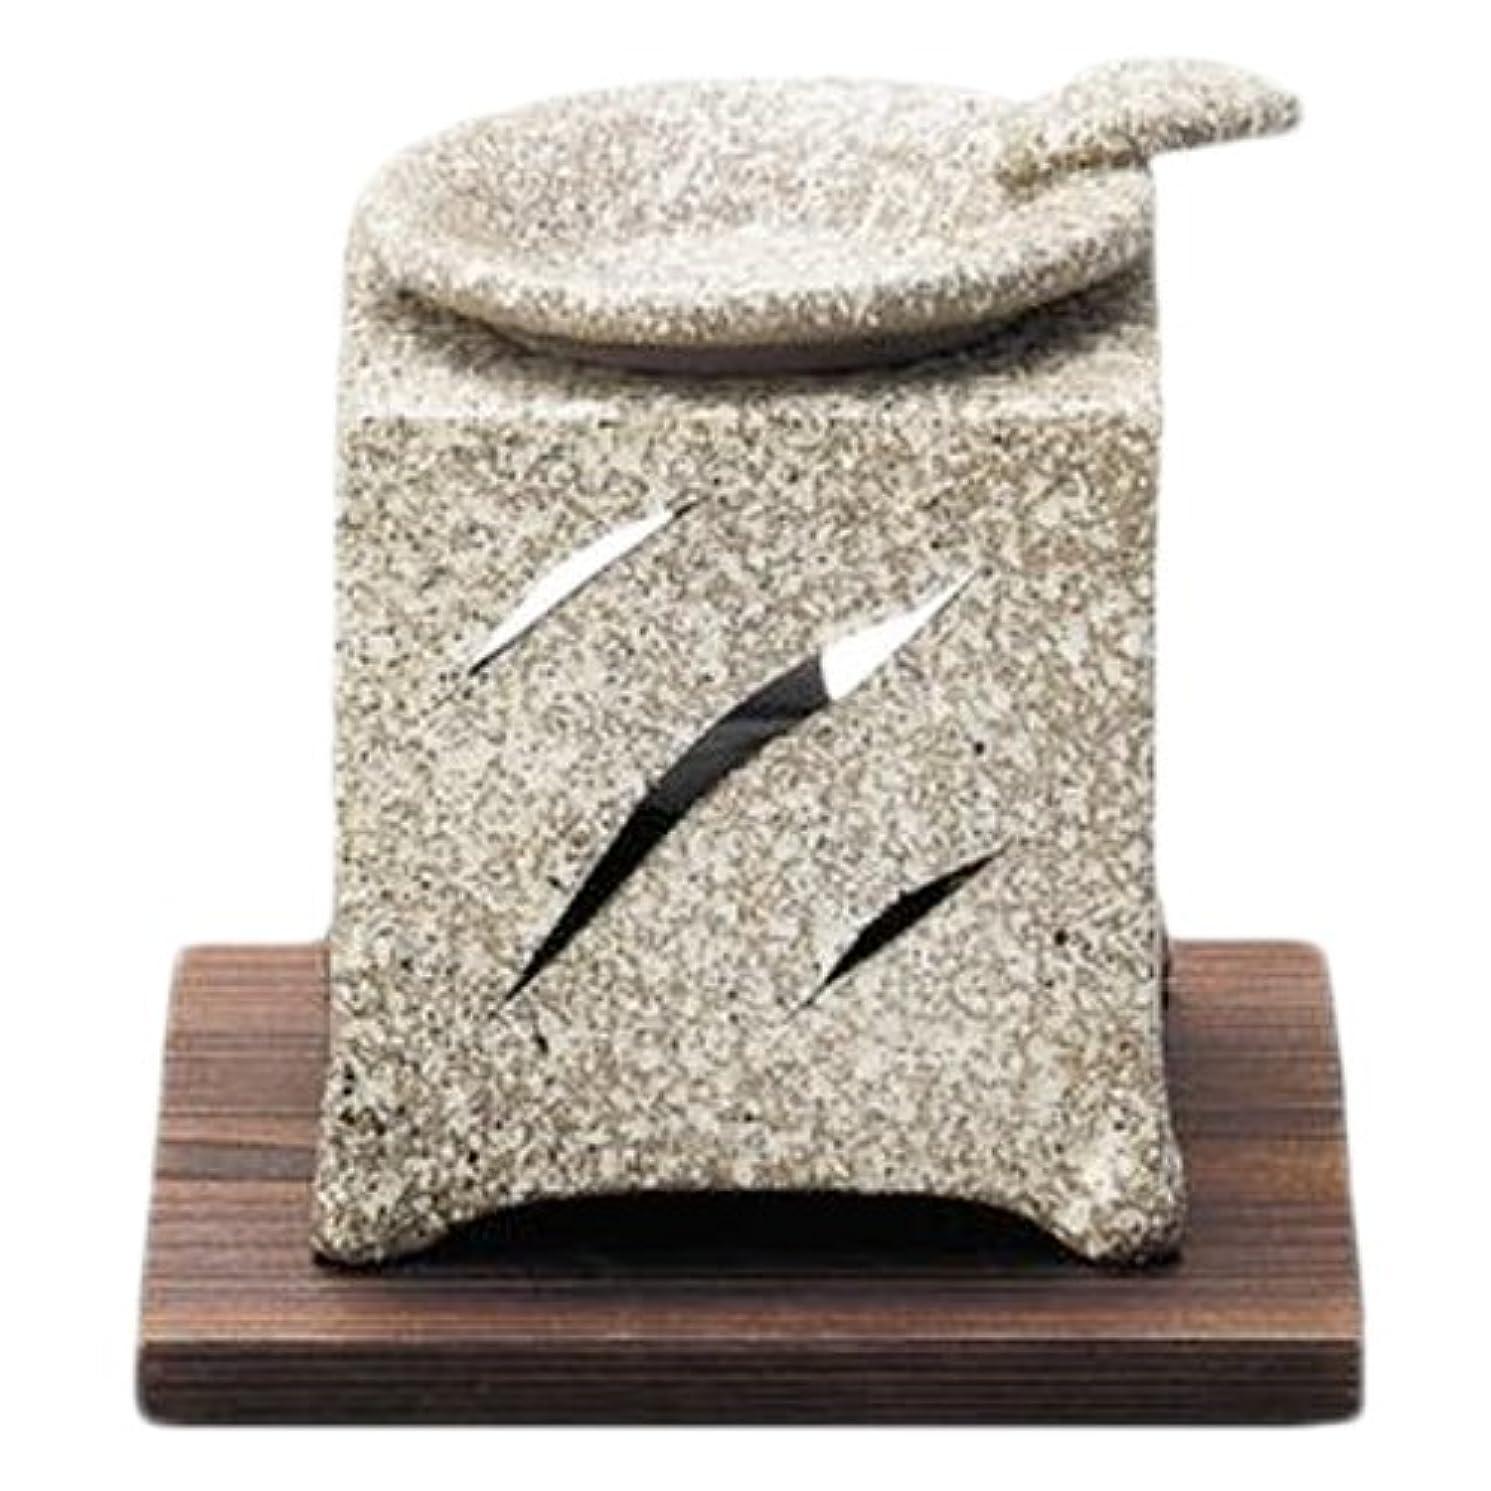 鉄スプーン上回る常滑焼5-261山房 石風角形茶香炉 AM-T1054